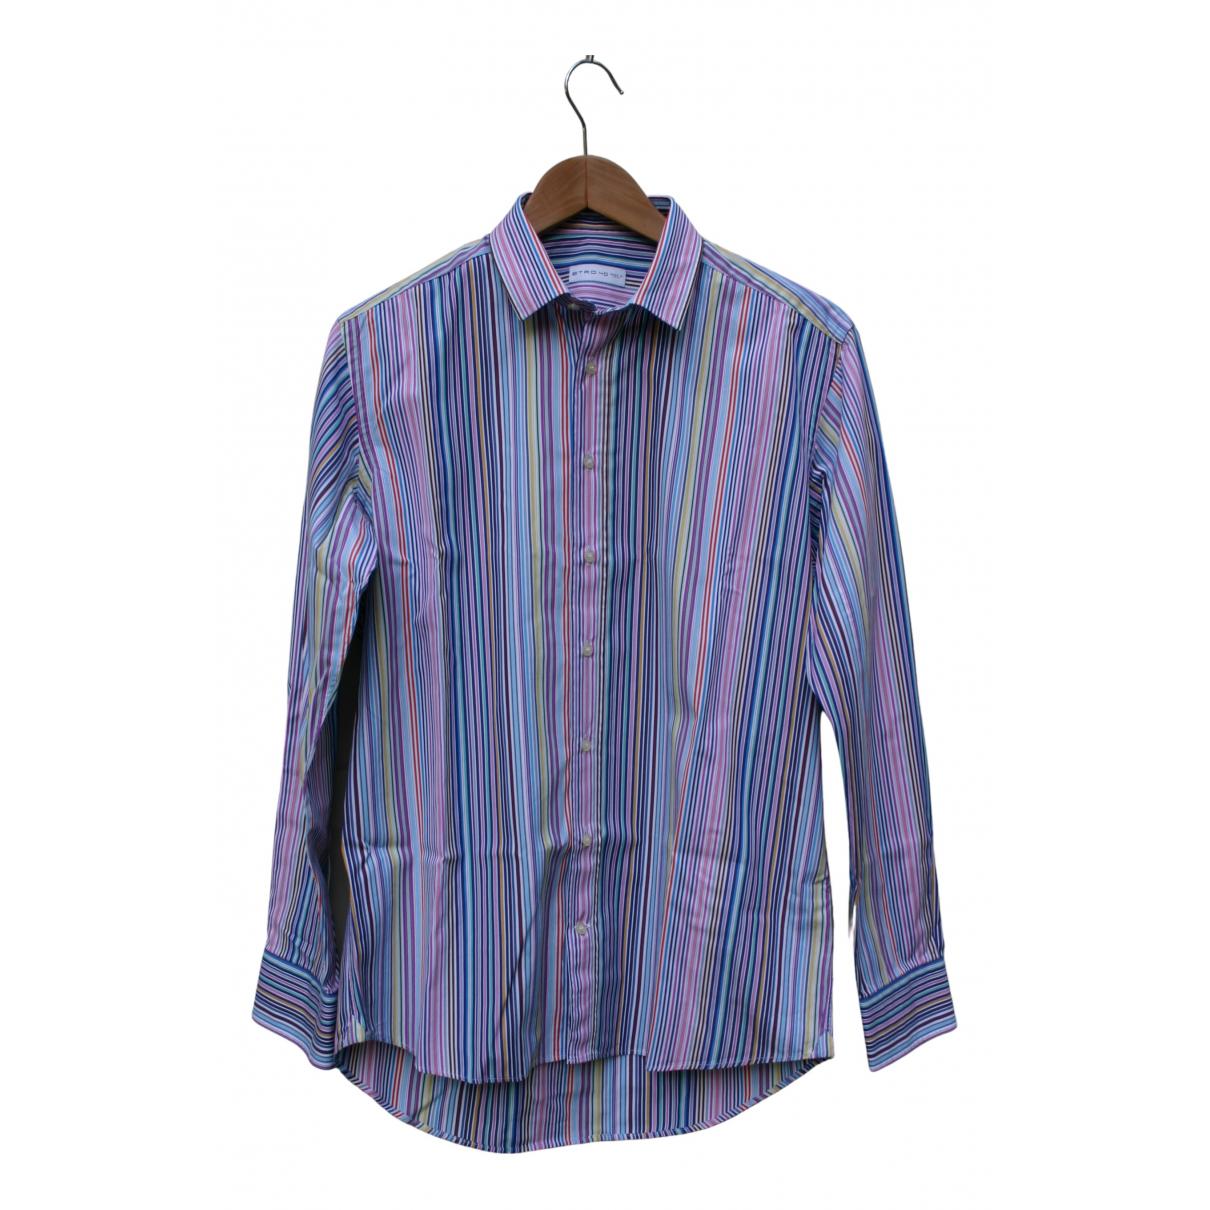 Etro N Multicolour Cotton Shirts for Men 40 EU (tour de cou / collar)